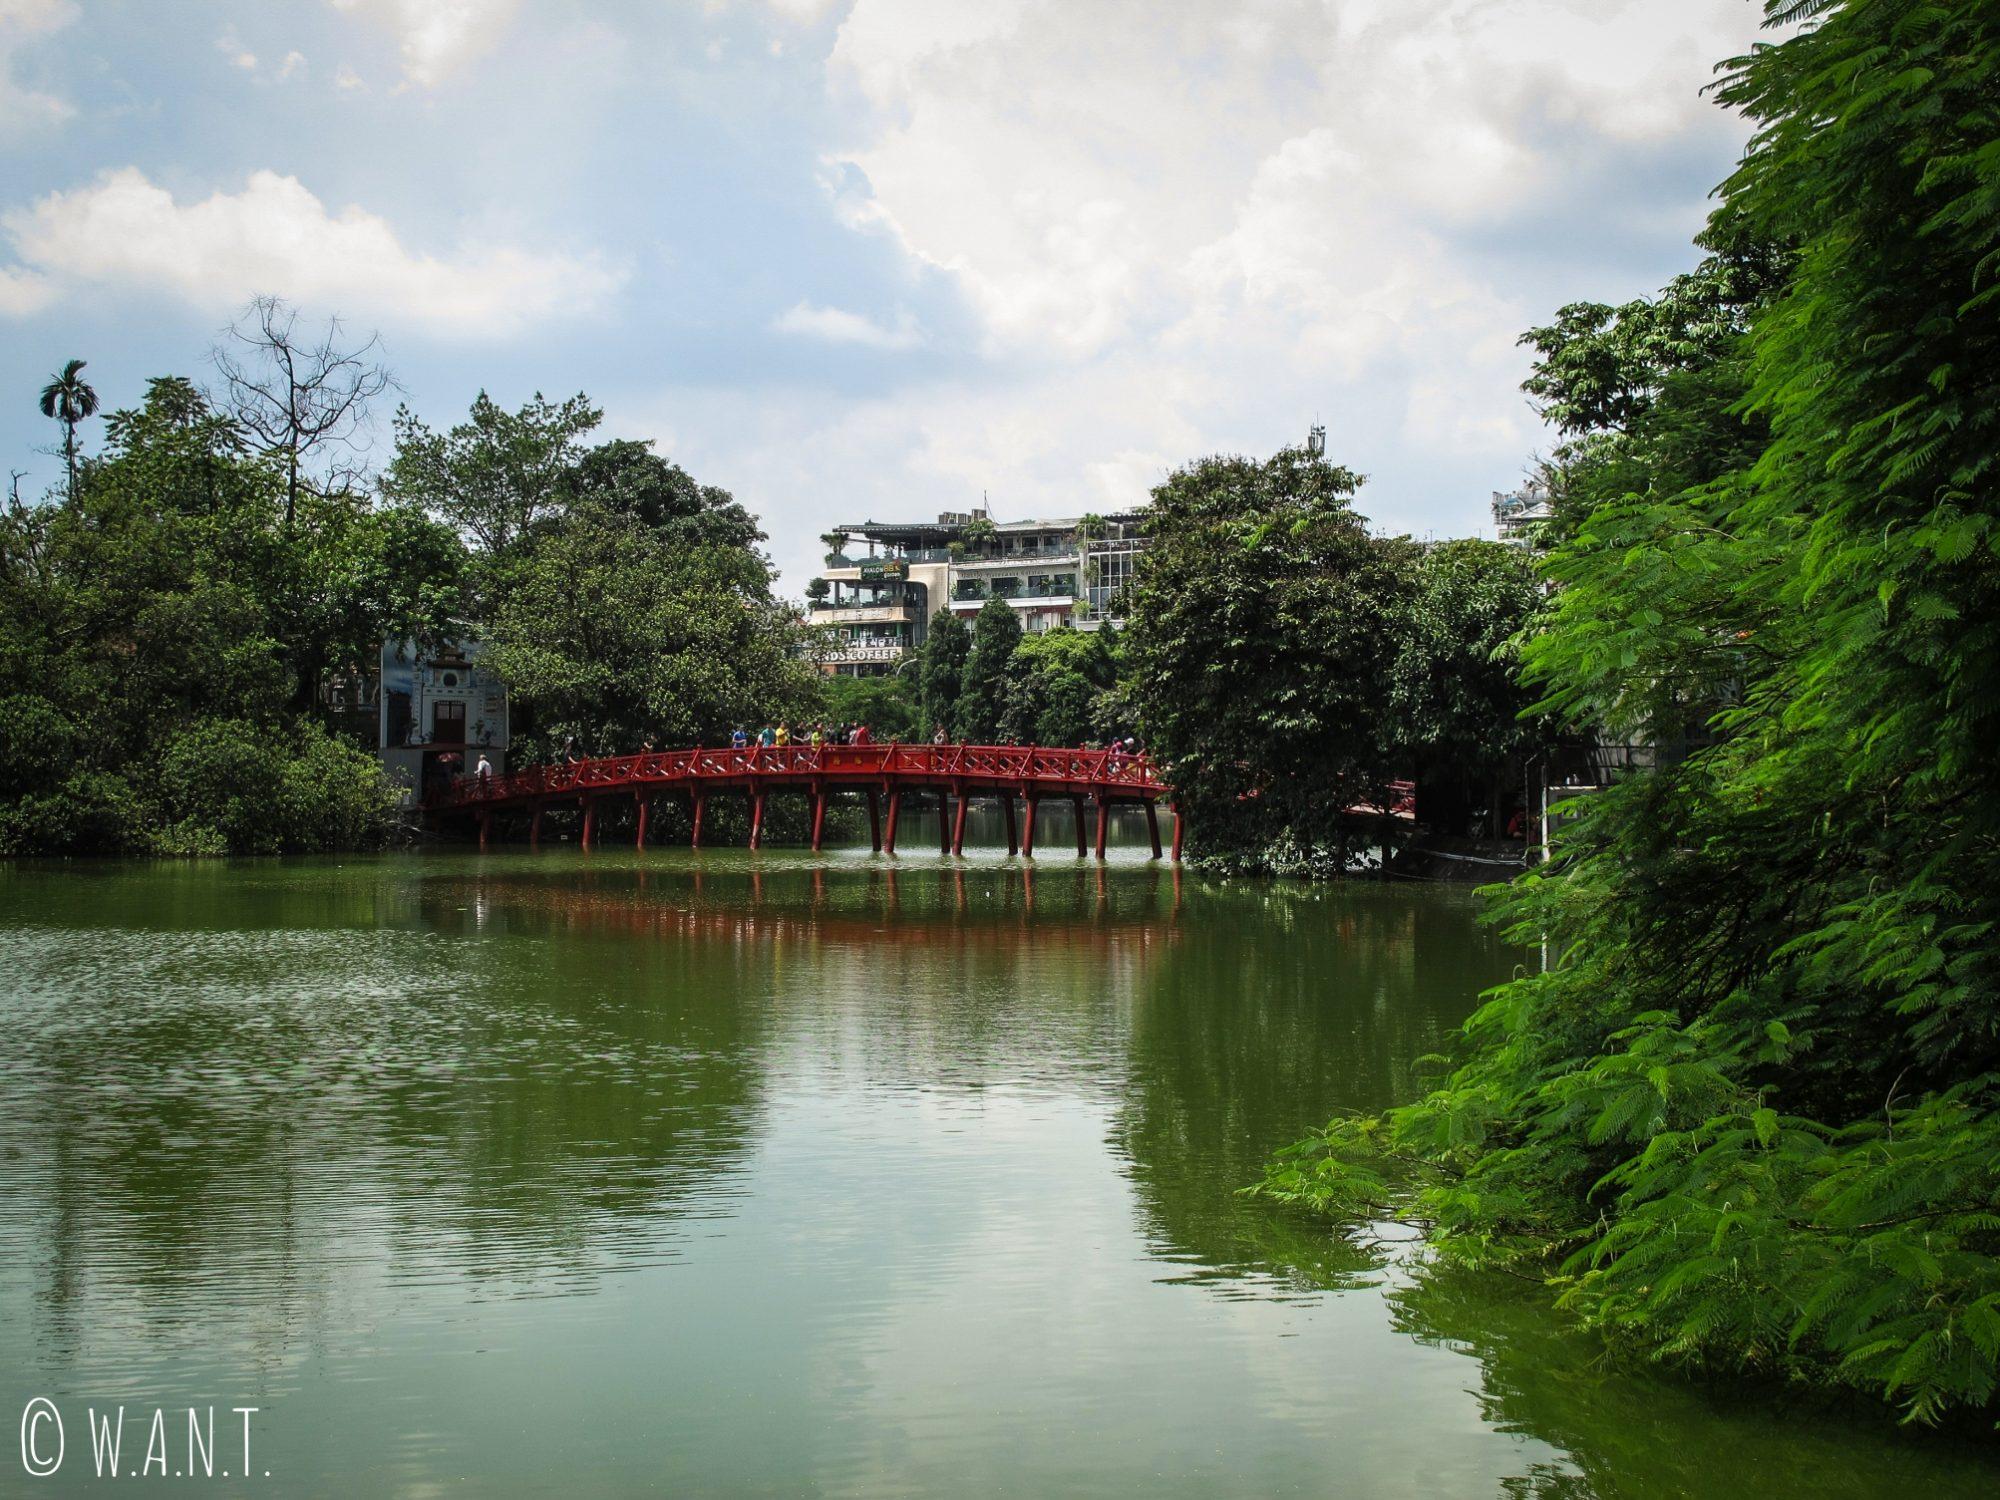 Ce pont rouge permet de rejoindre le temple Ngoc Son sur le lac de Hoan Kiem